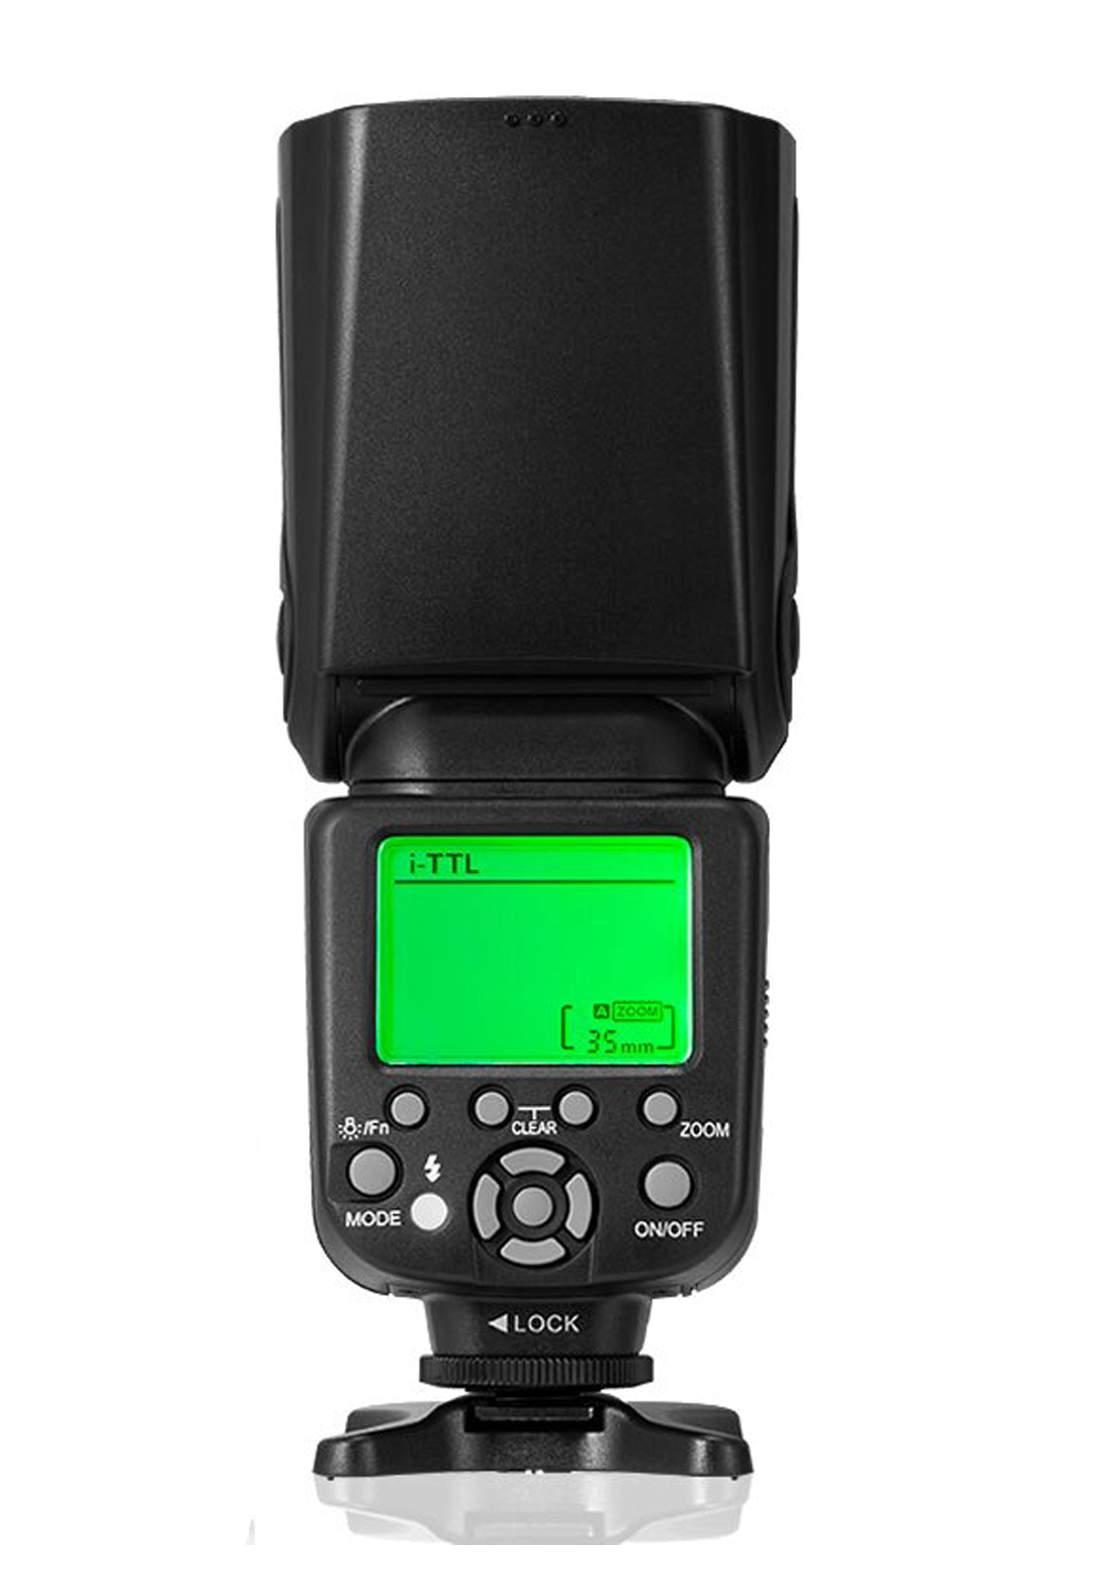 Triopo TR-982III  Wireless Wireless Master Slave Flash  for Nikon Canon - Black فلاش كاميرا